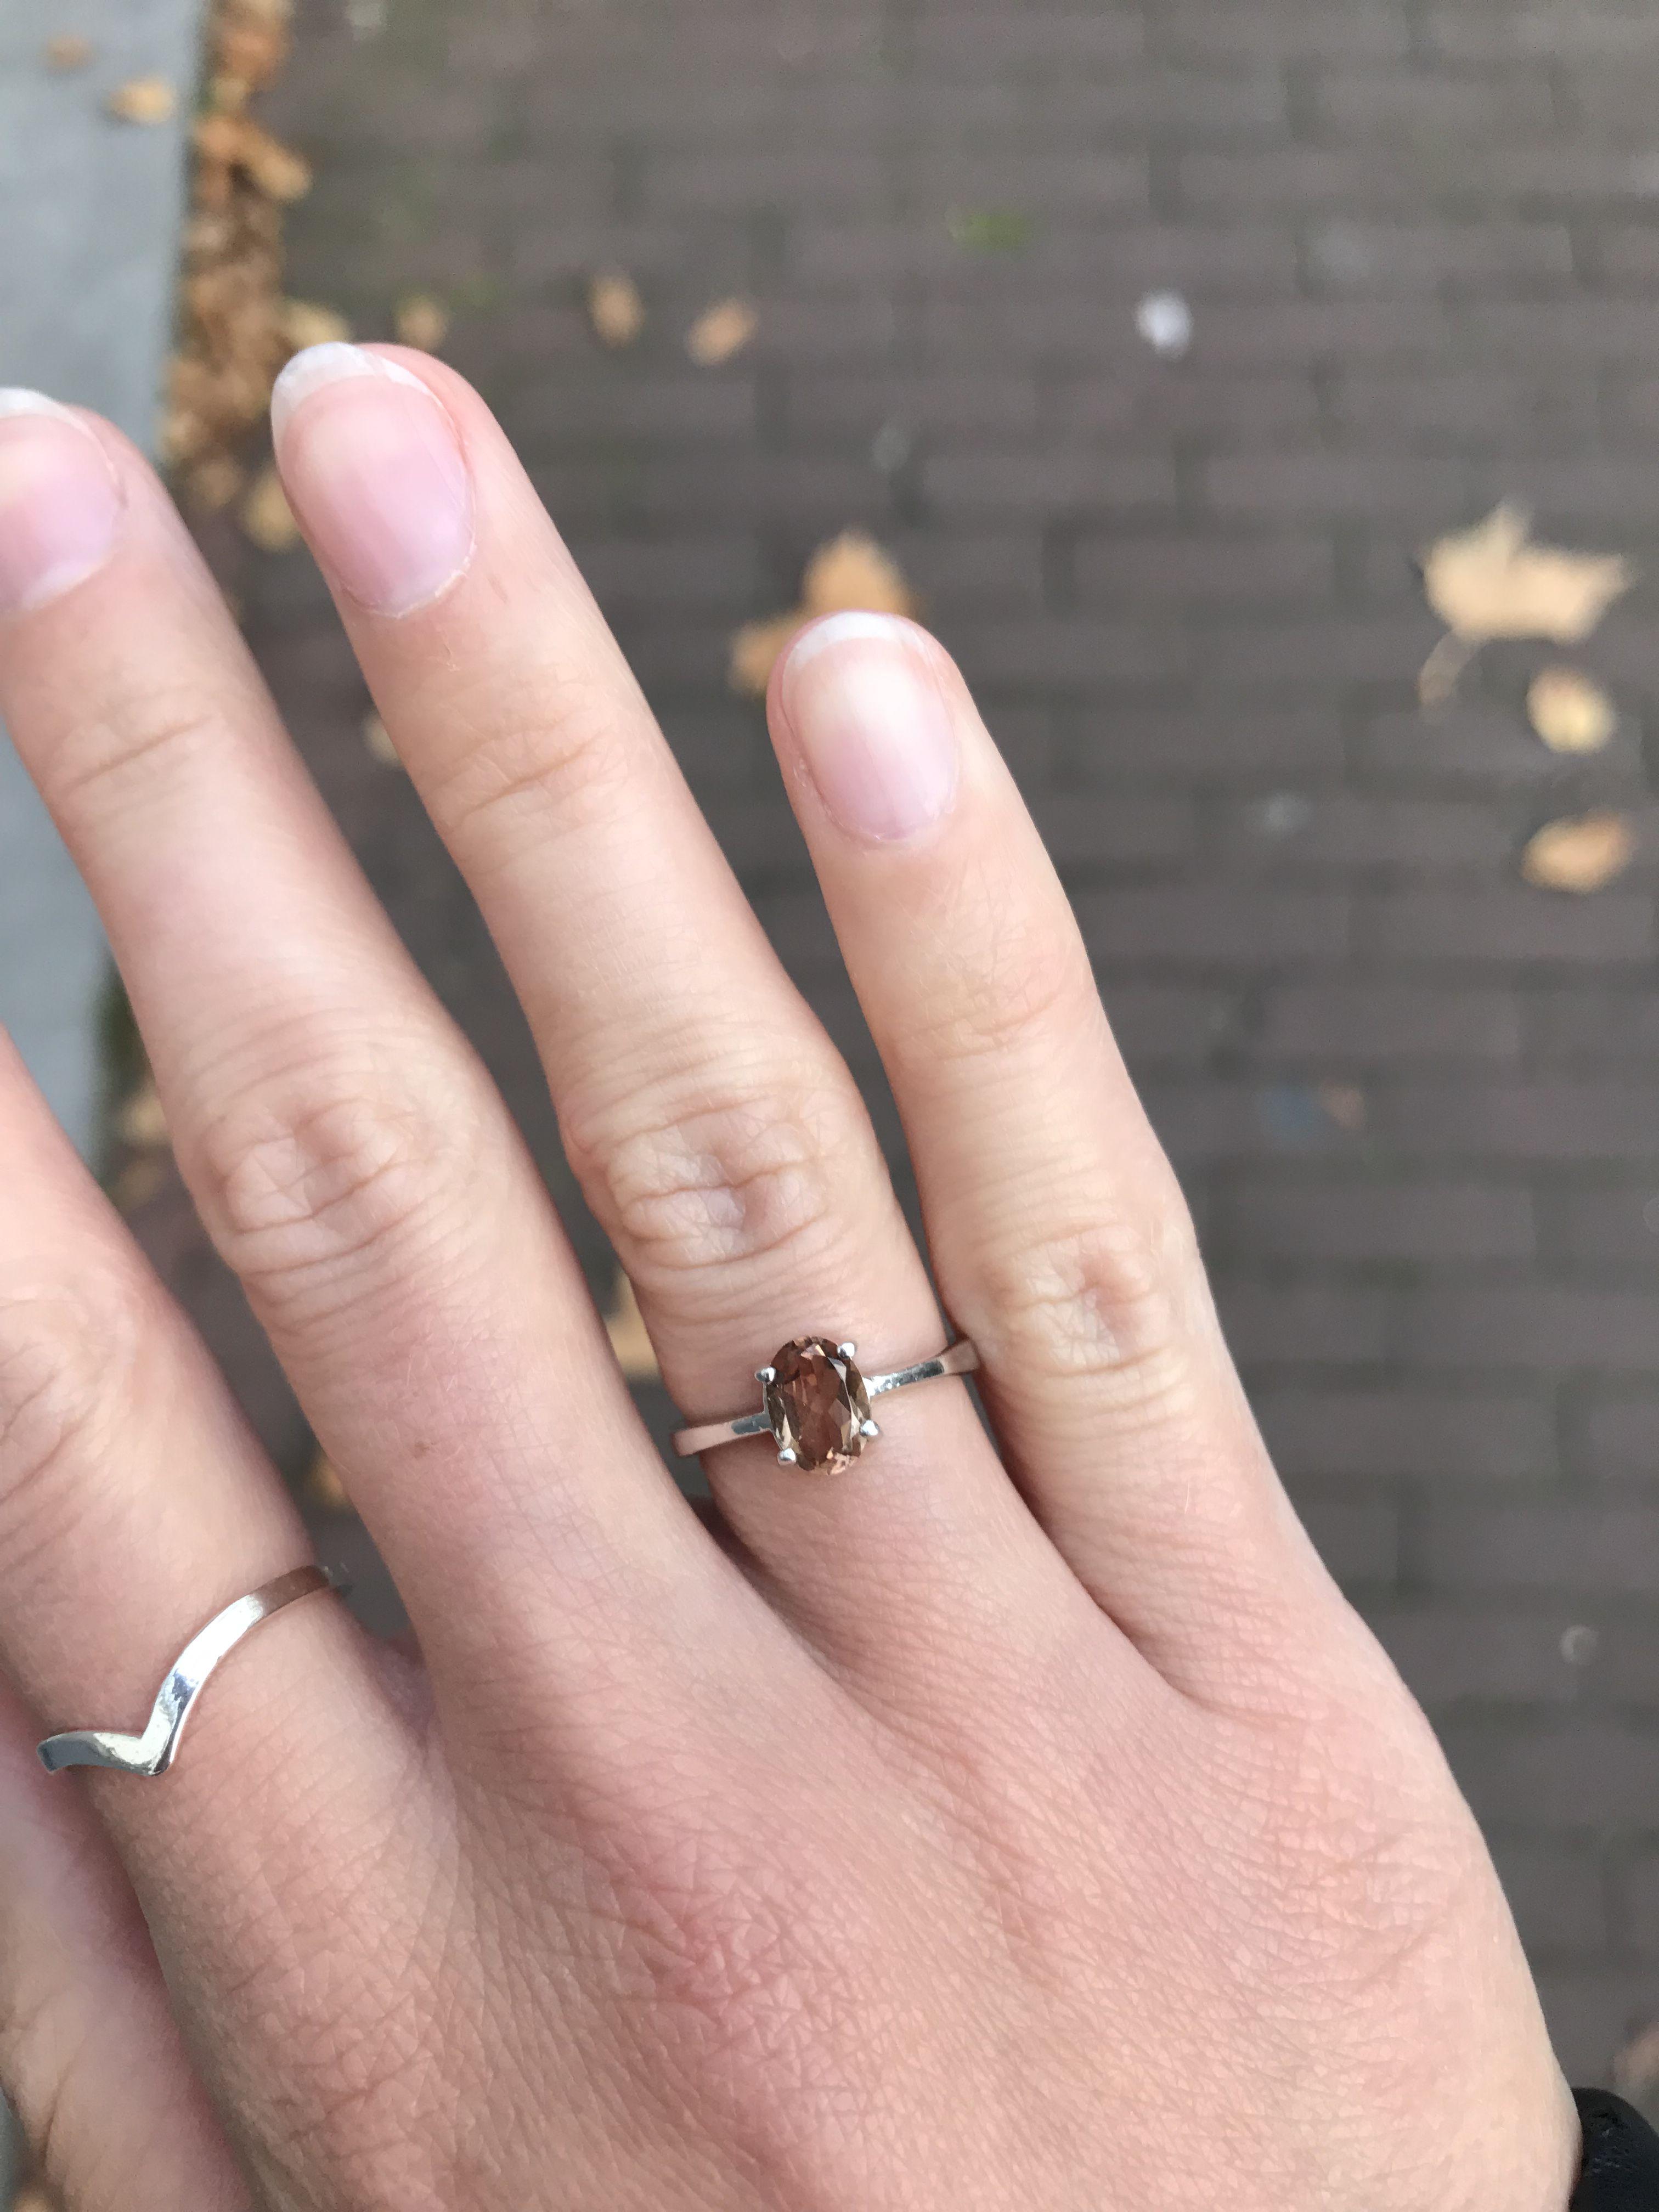 Pin by emma davidson on jewelry! | Pinterest | Jewlery, Minimal and ...